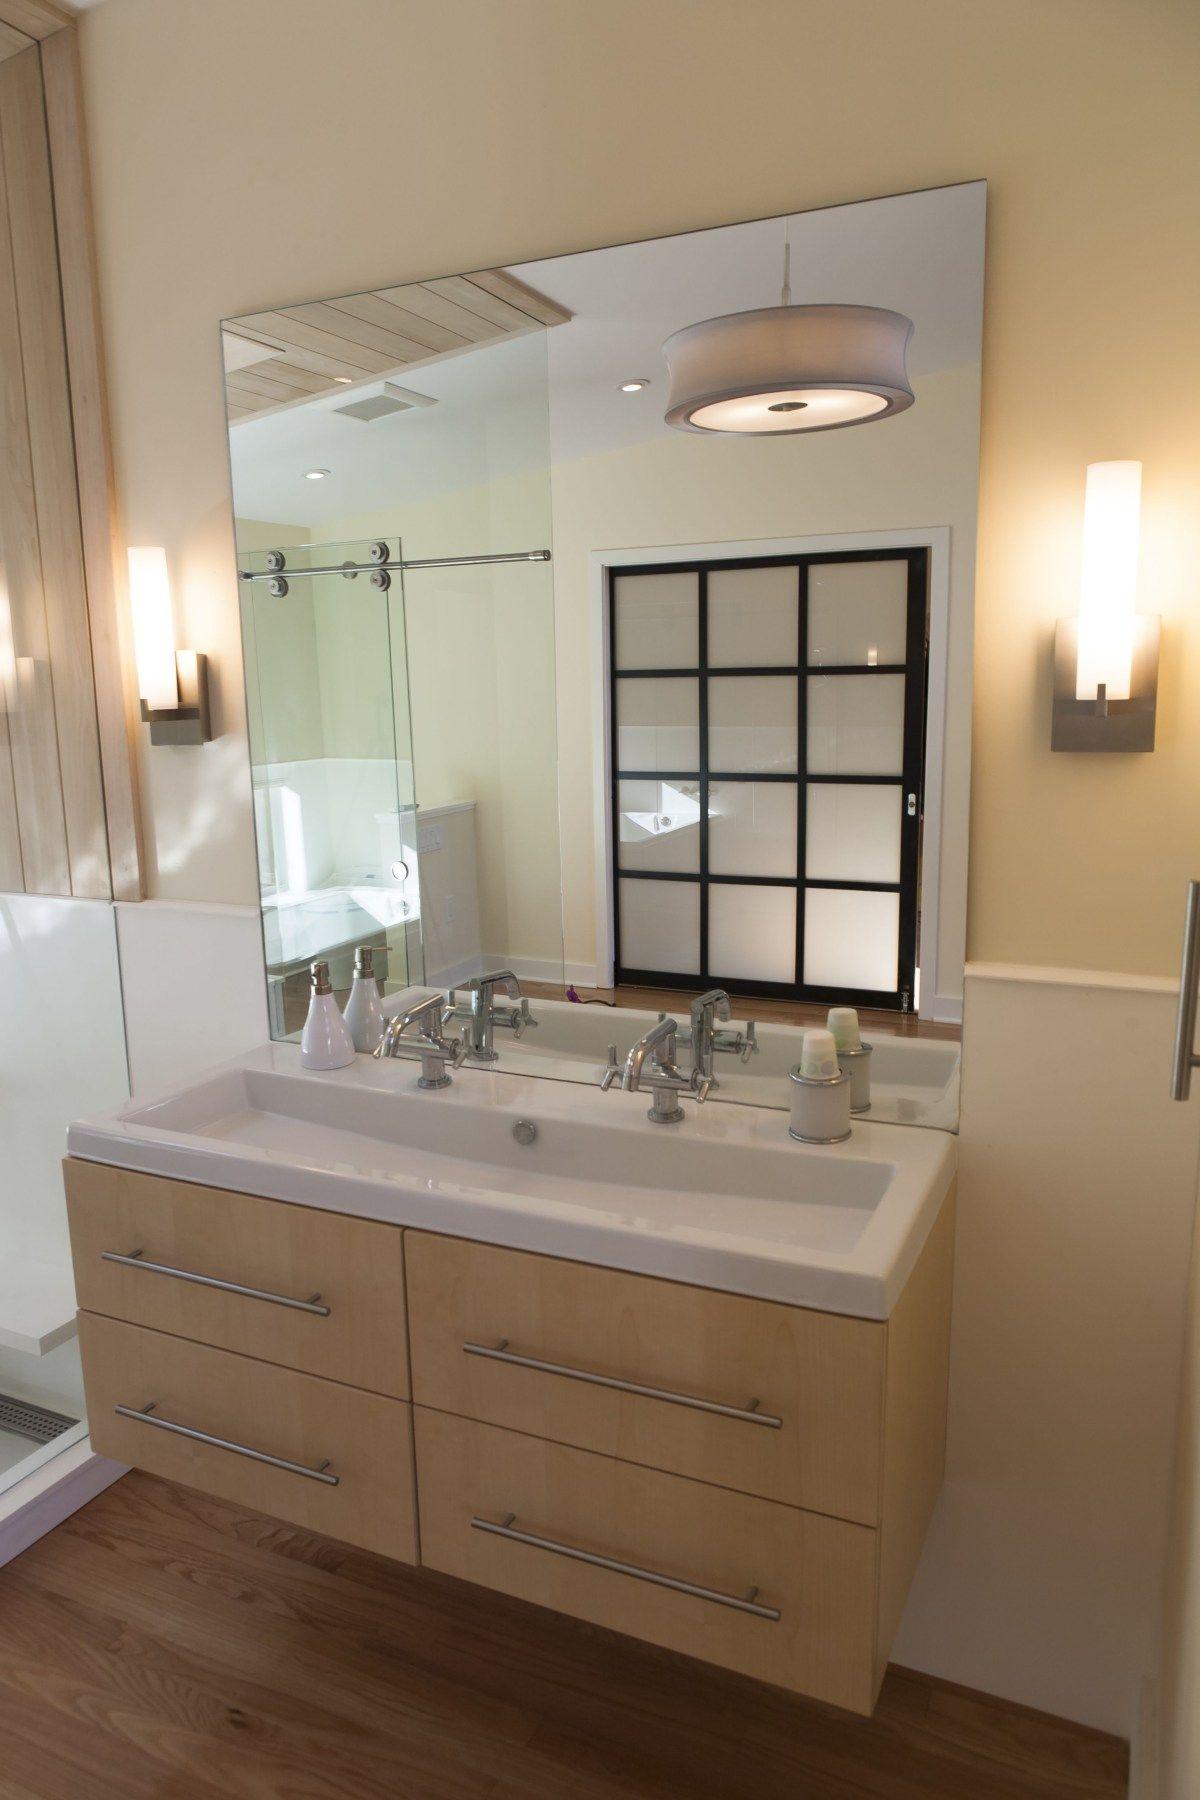 Wall Mount Double Sink Vanity Drop In Bathroom Sinks Double Sink Vanity Modern Bathroom Vanities Grey